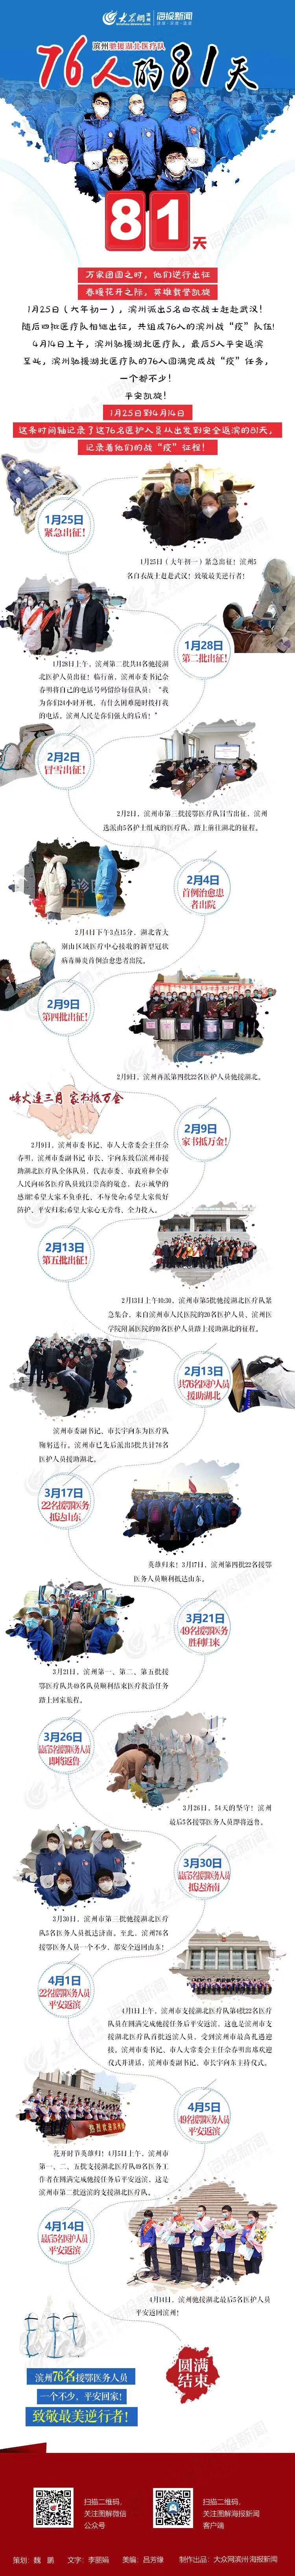 『大众网·海报新闻』这就是山东丨滨州驰援湖北医疗队76人的81天